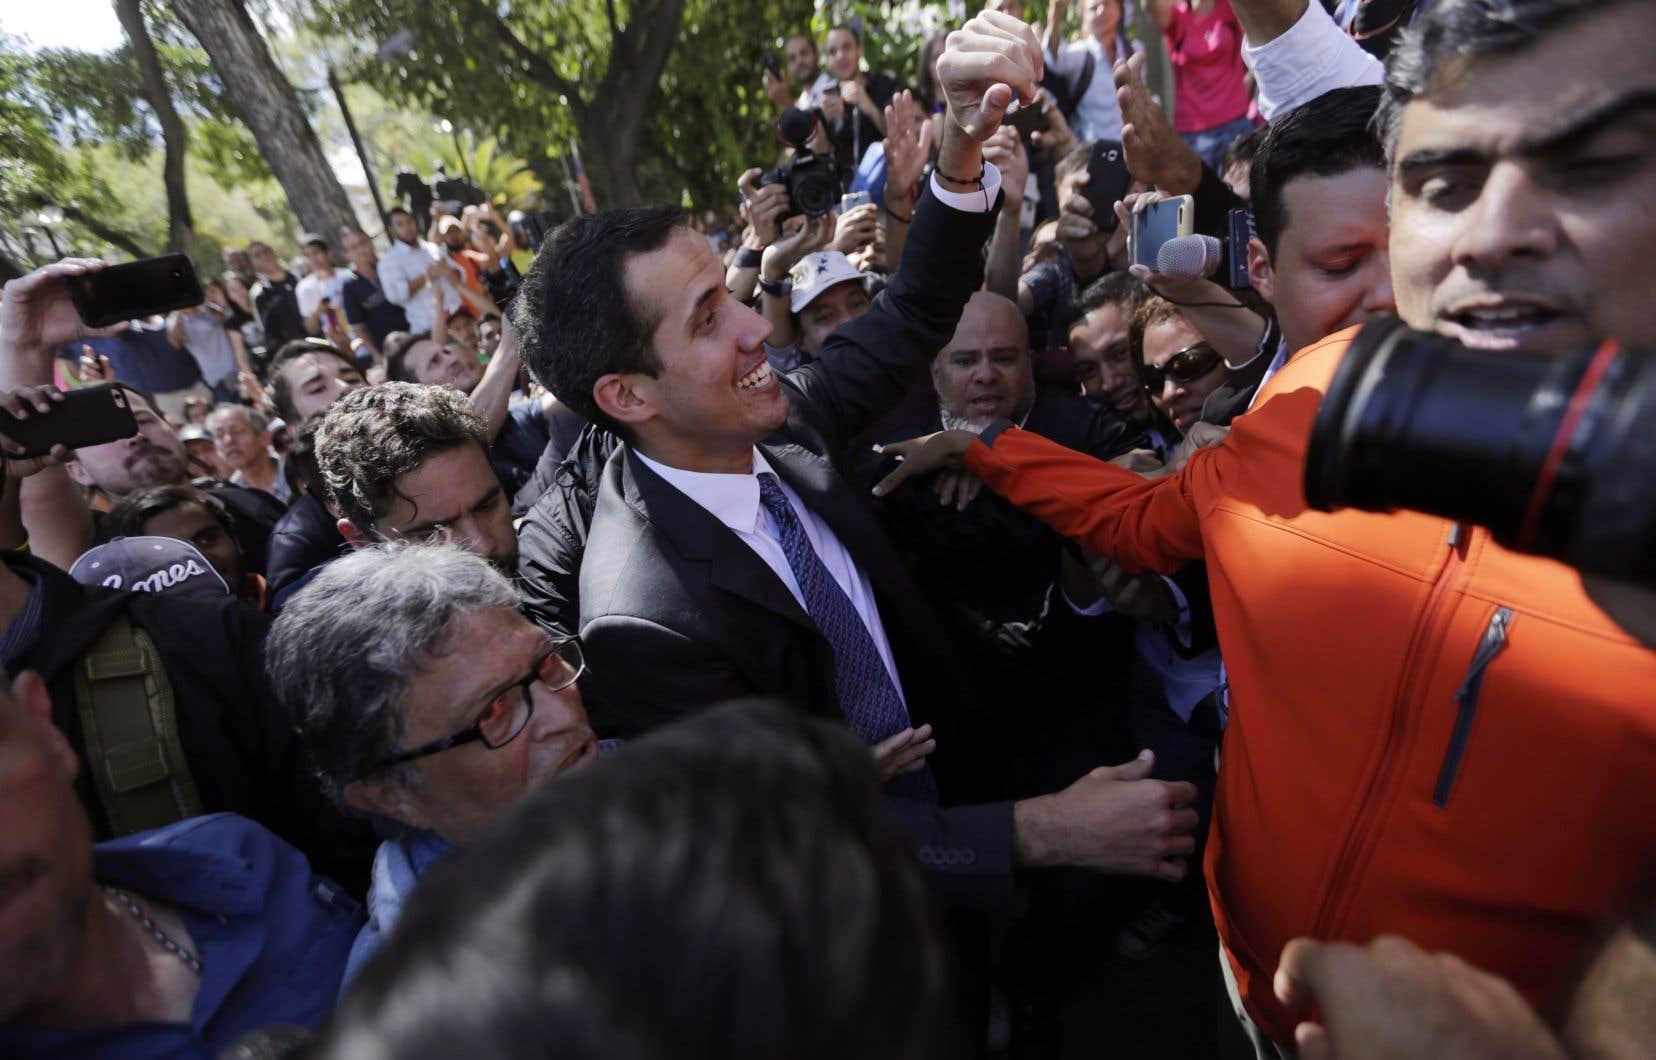 Les diplomates canadiens à Caracas et leurs homologues latino-américains ont travaillé plusieurs mois afin de coaliser les partis de l'opposition derrière Juan Guaidó.